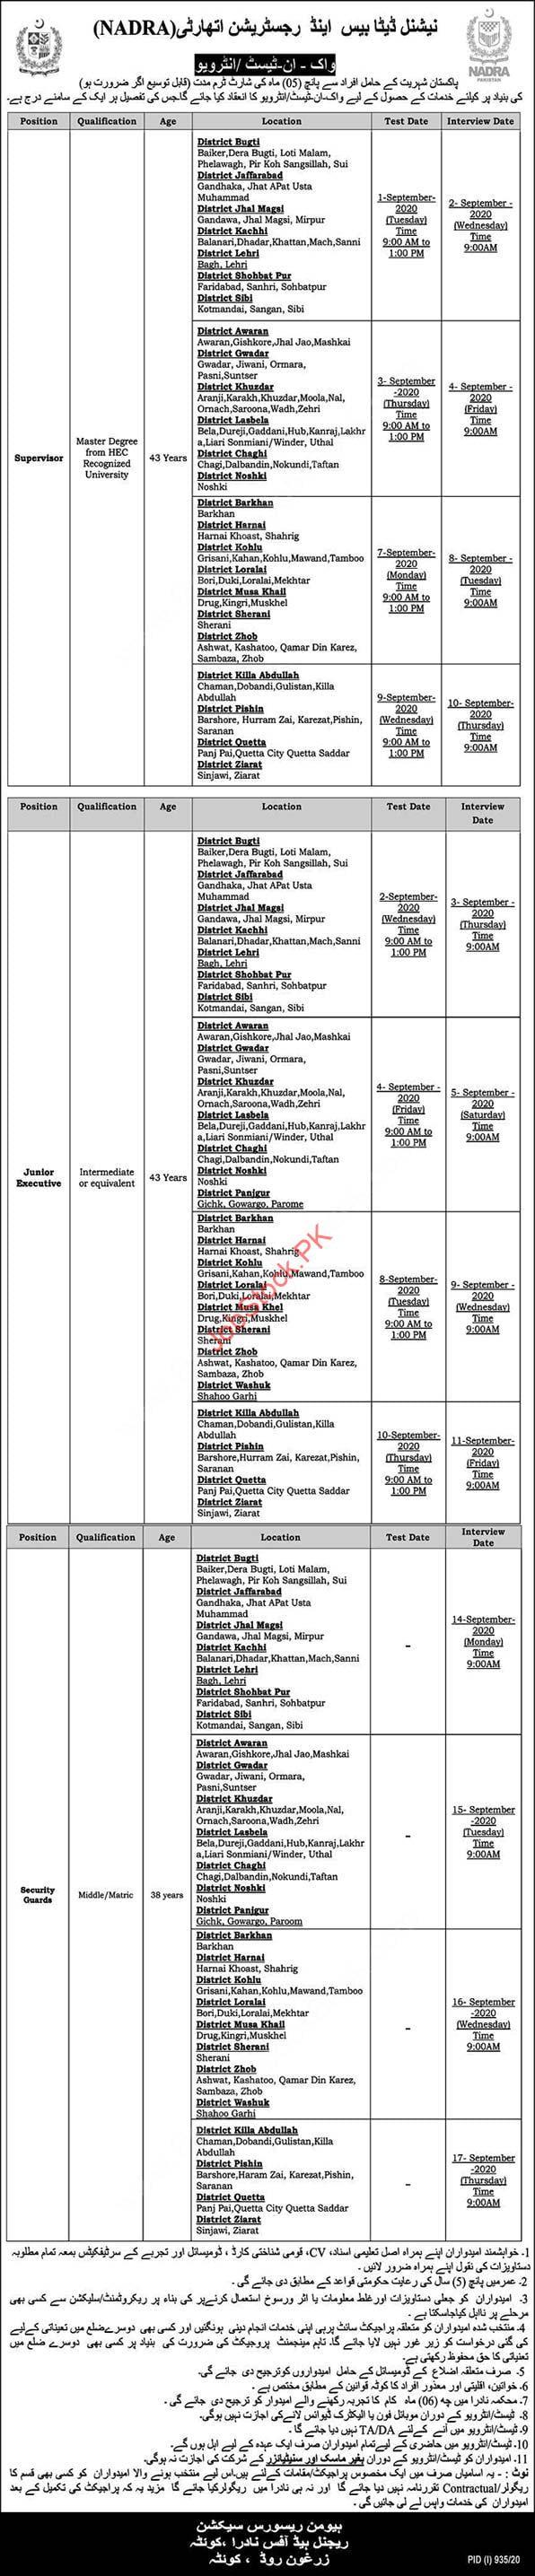 Nadra Balochistan Jobs 2020 Latest